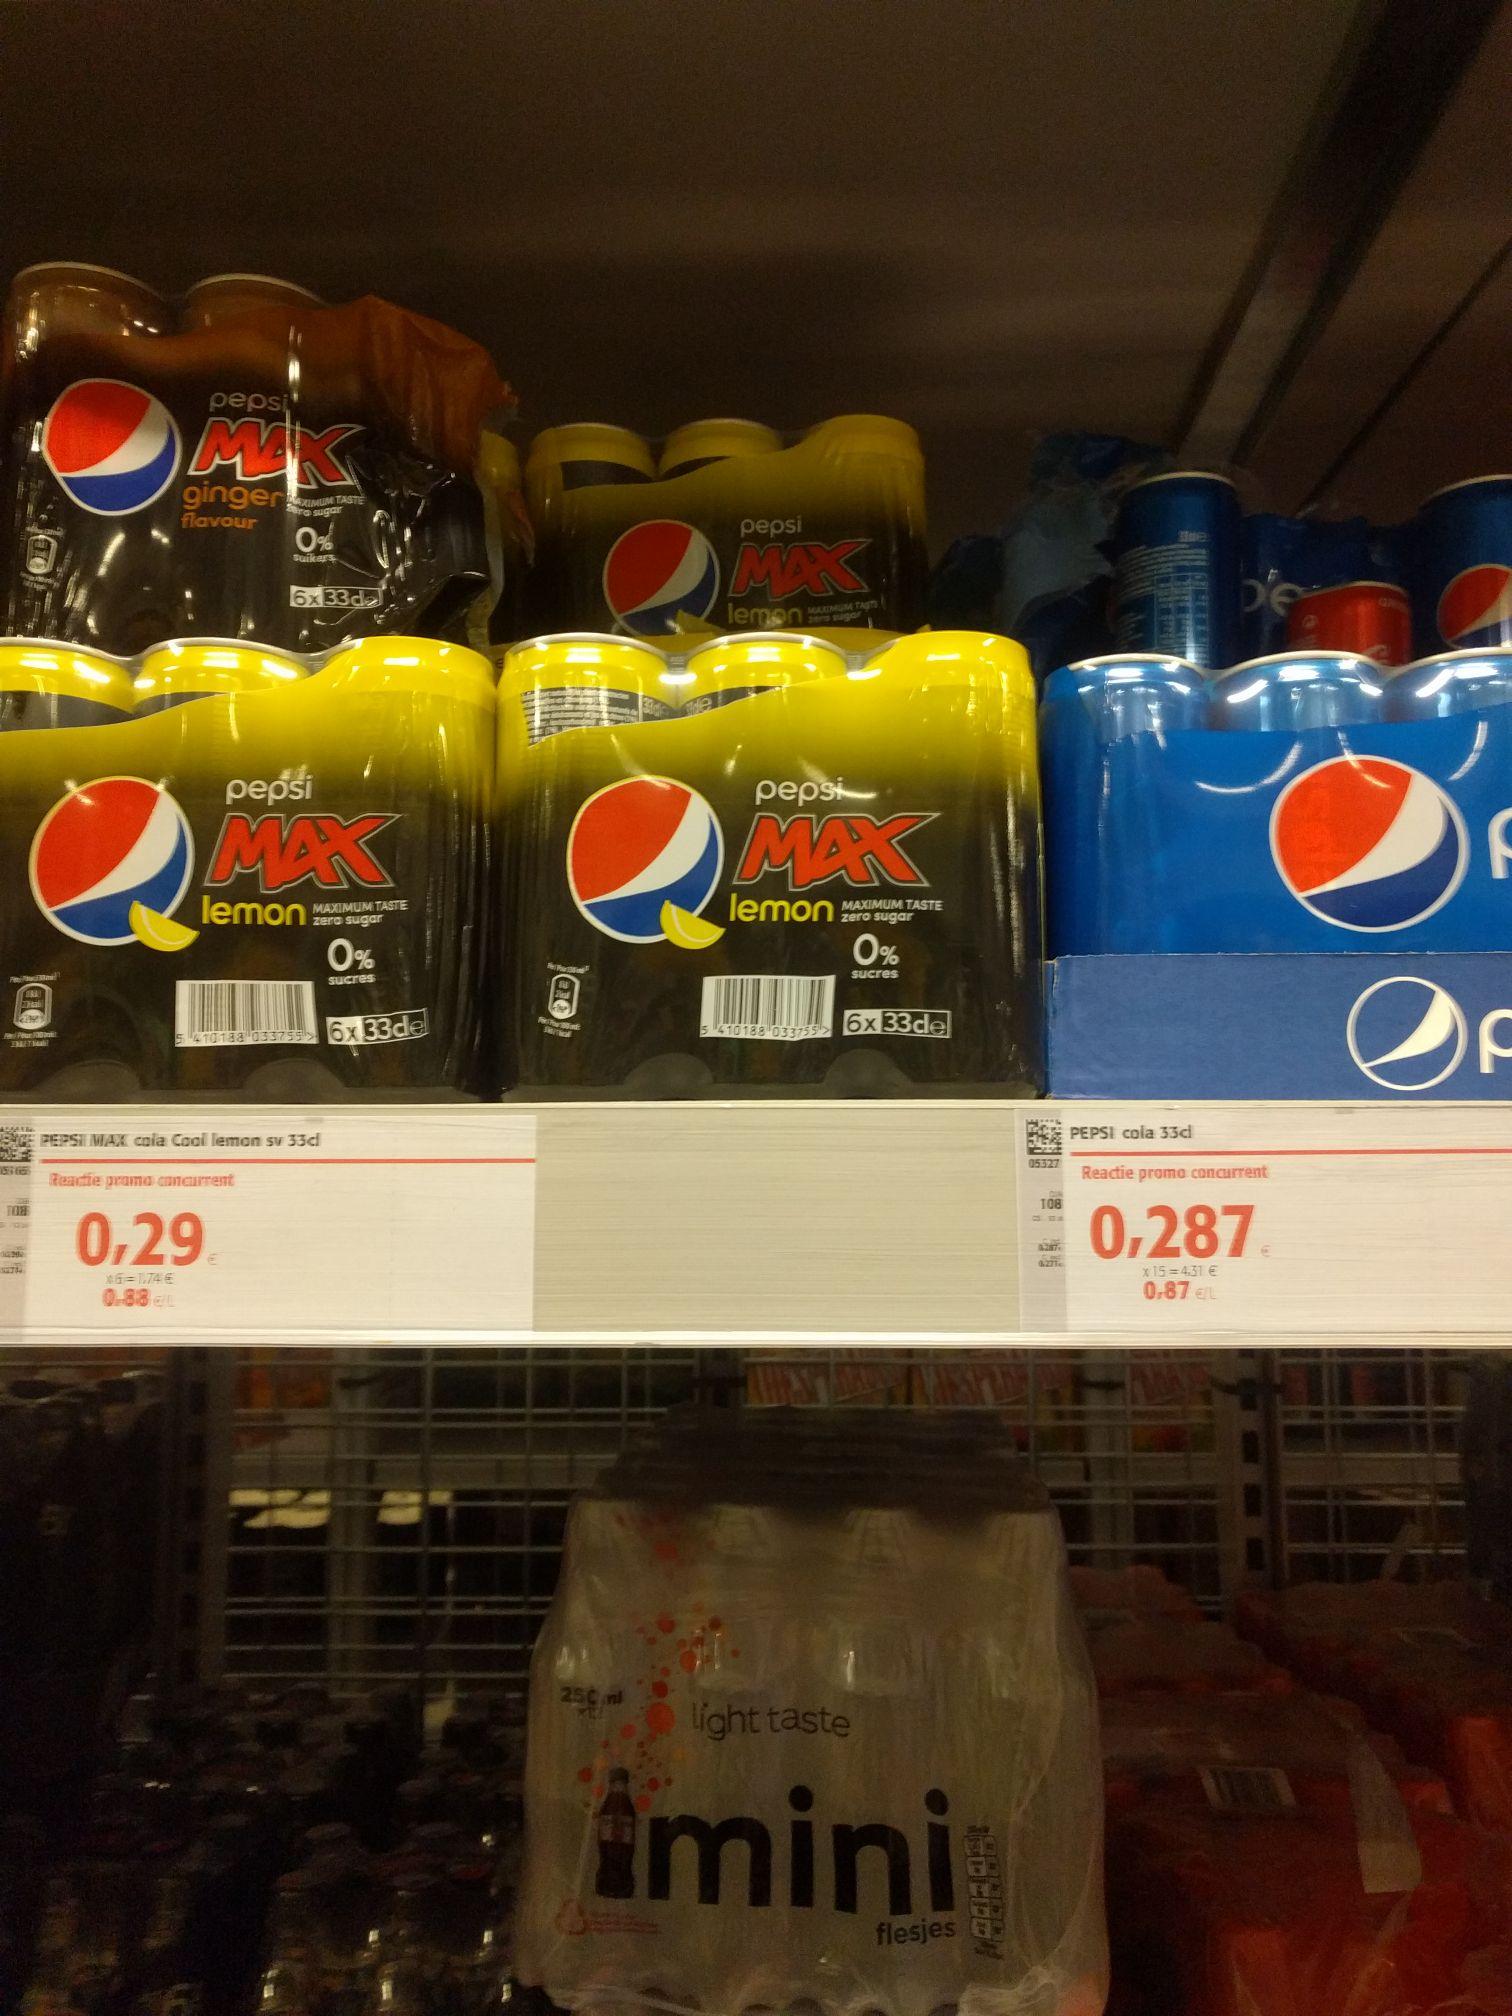 [GRENSDEAL BELGIË] goedkope blikjes Pepsi, alle varianten